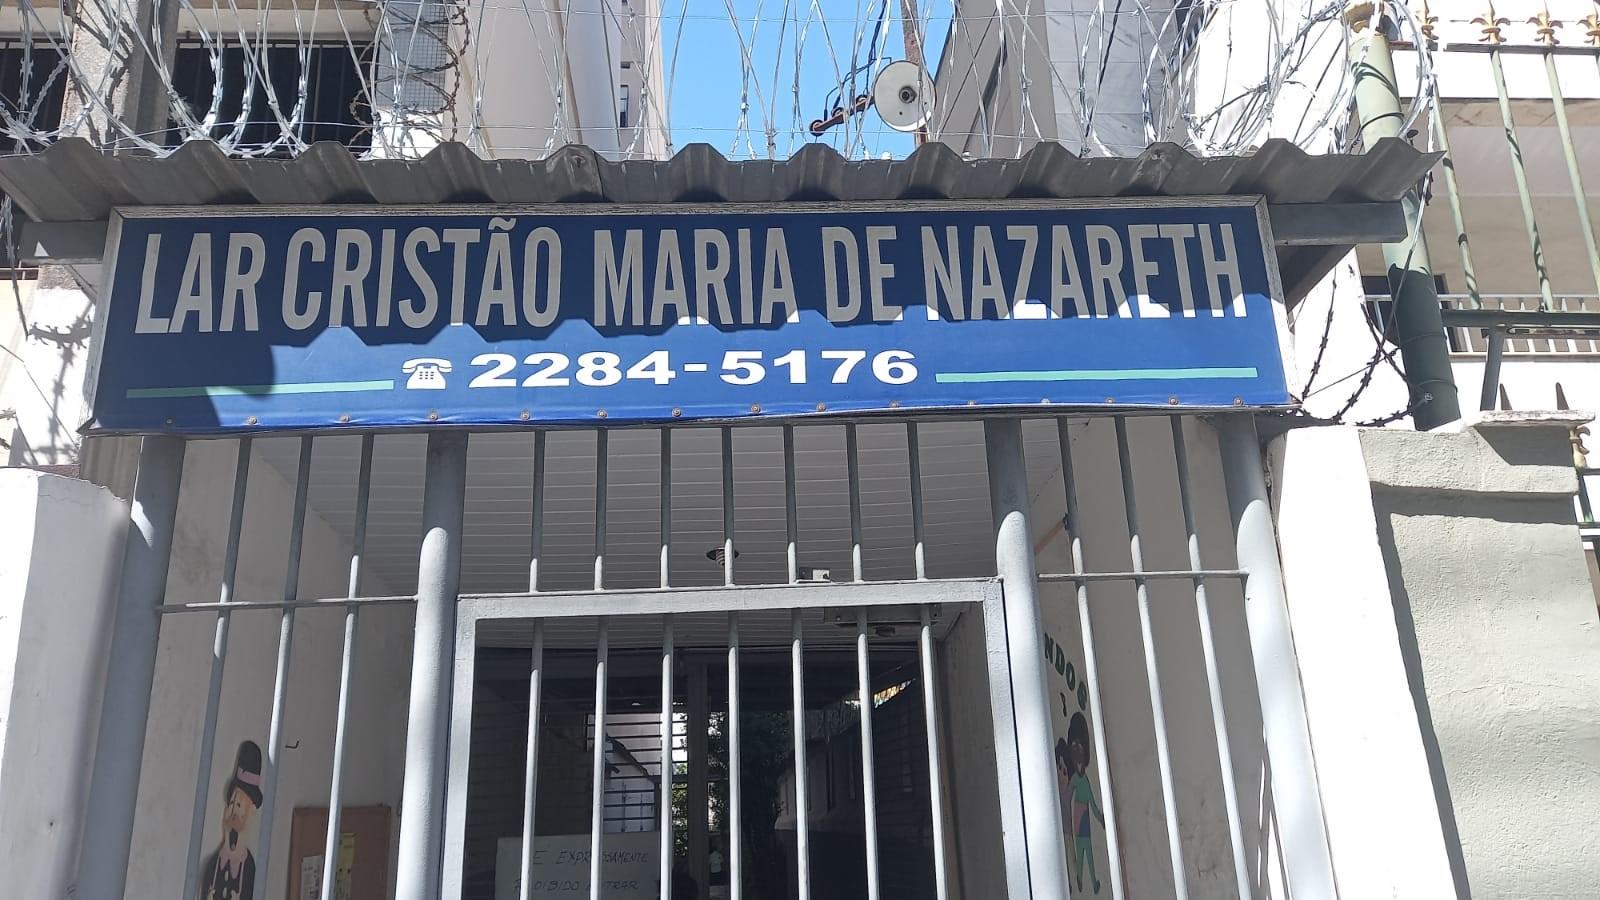 DOAÇÃO DE COBERTORES E AGASALHOS PARA O LAR CRISTAO MARIA DE NAZARETH